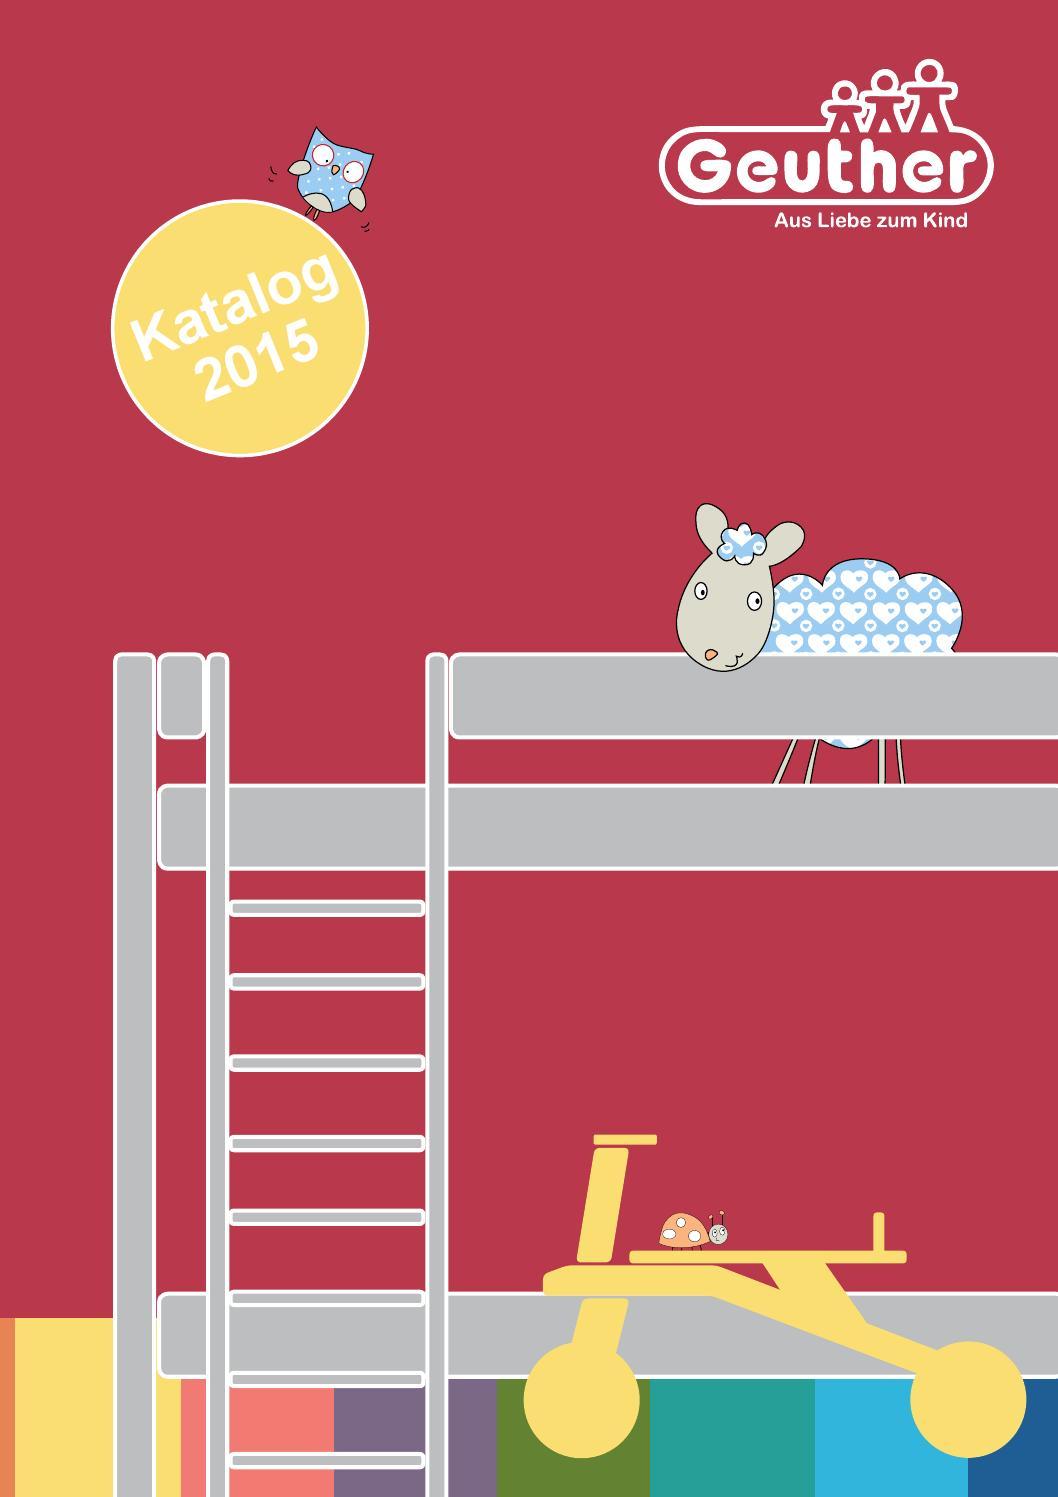 Geuther Katalog 2015 deutsch by Geuther - issuu